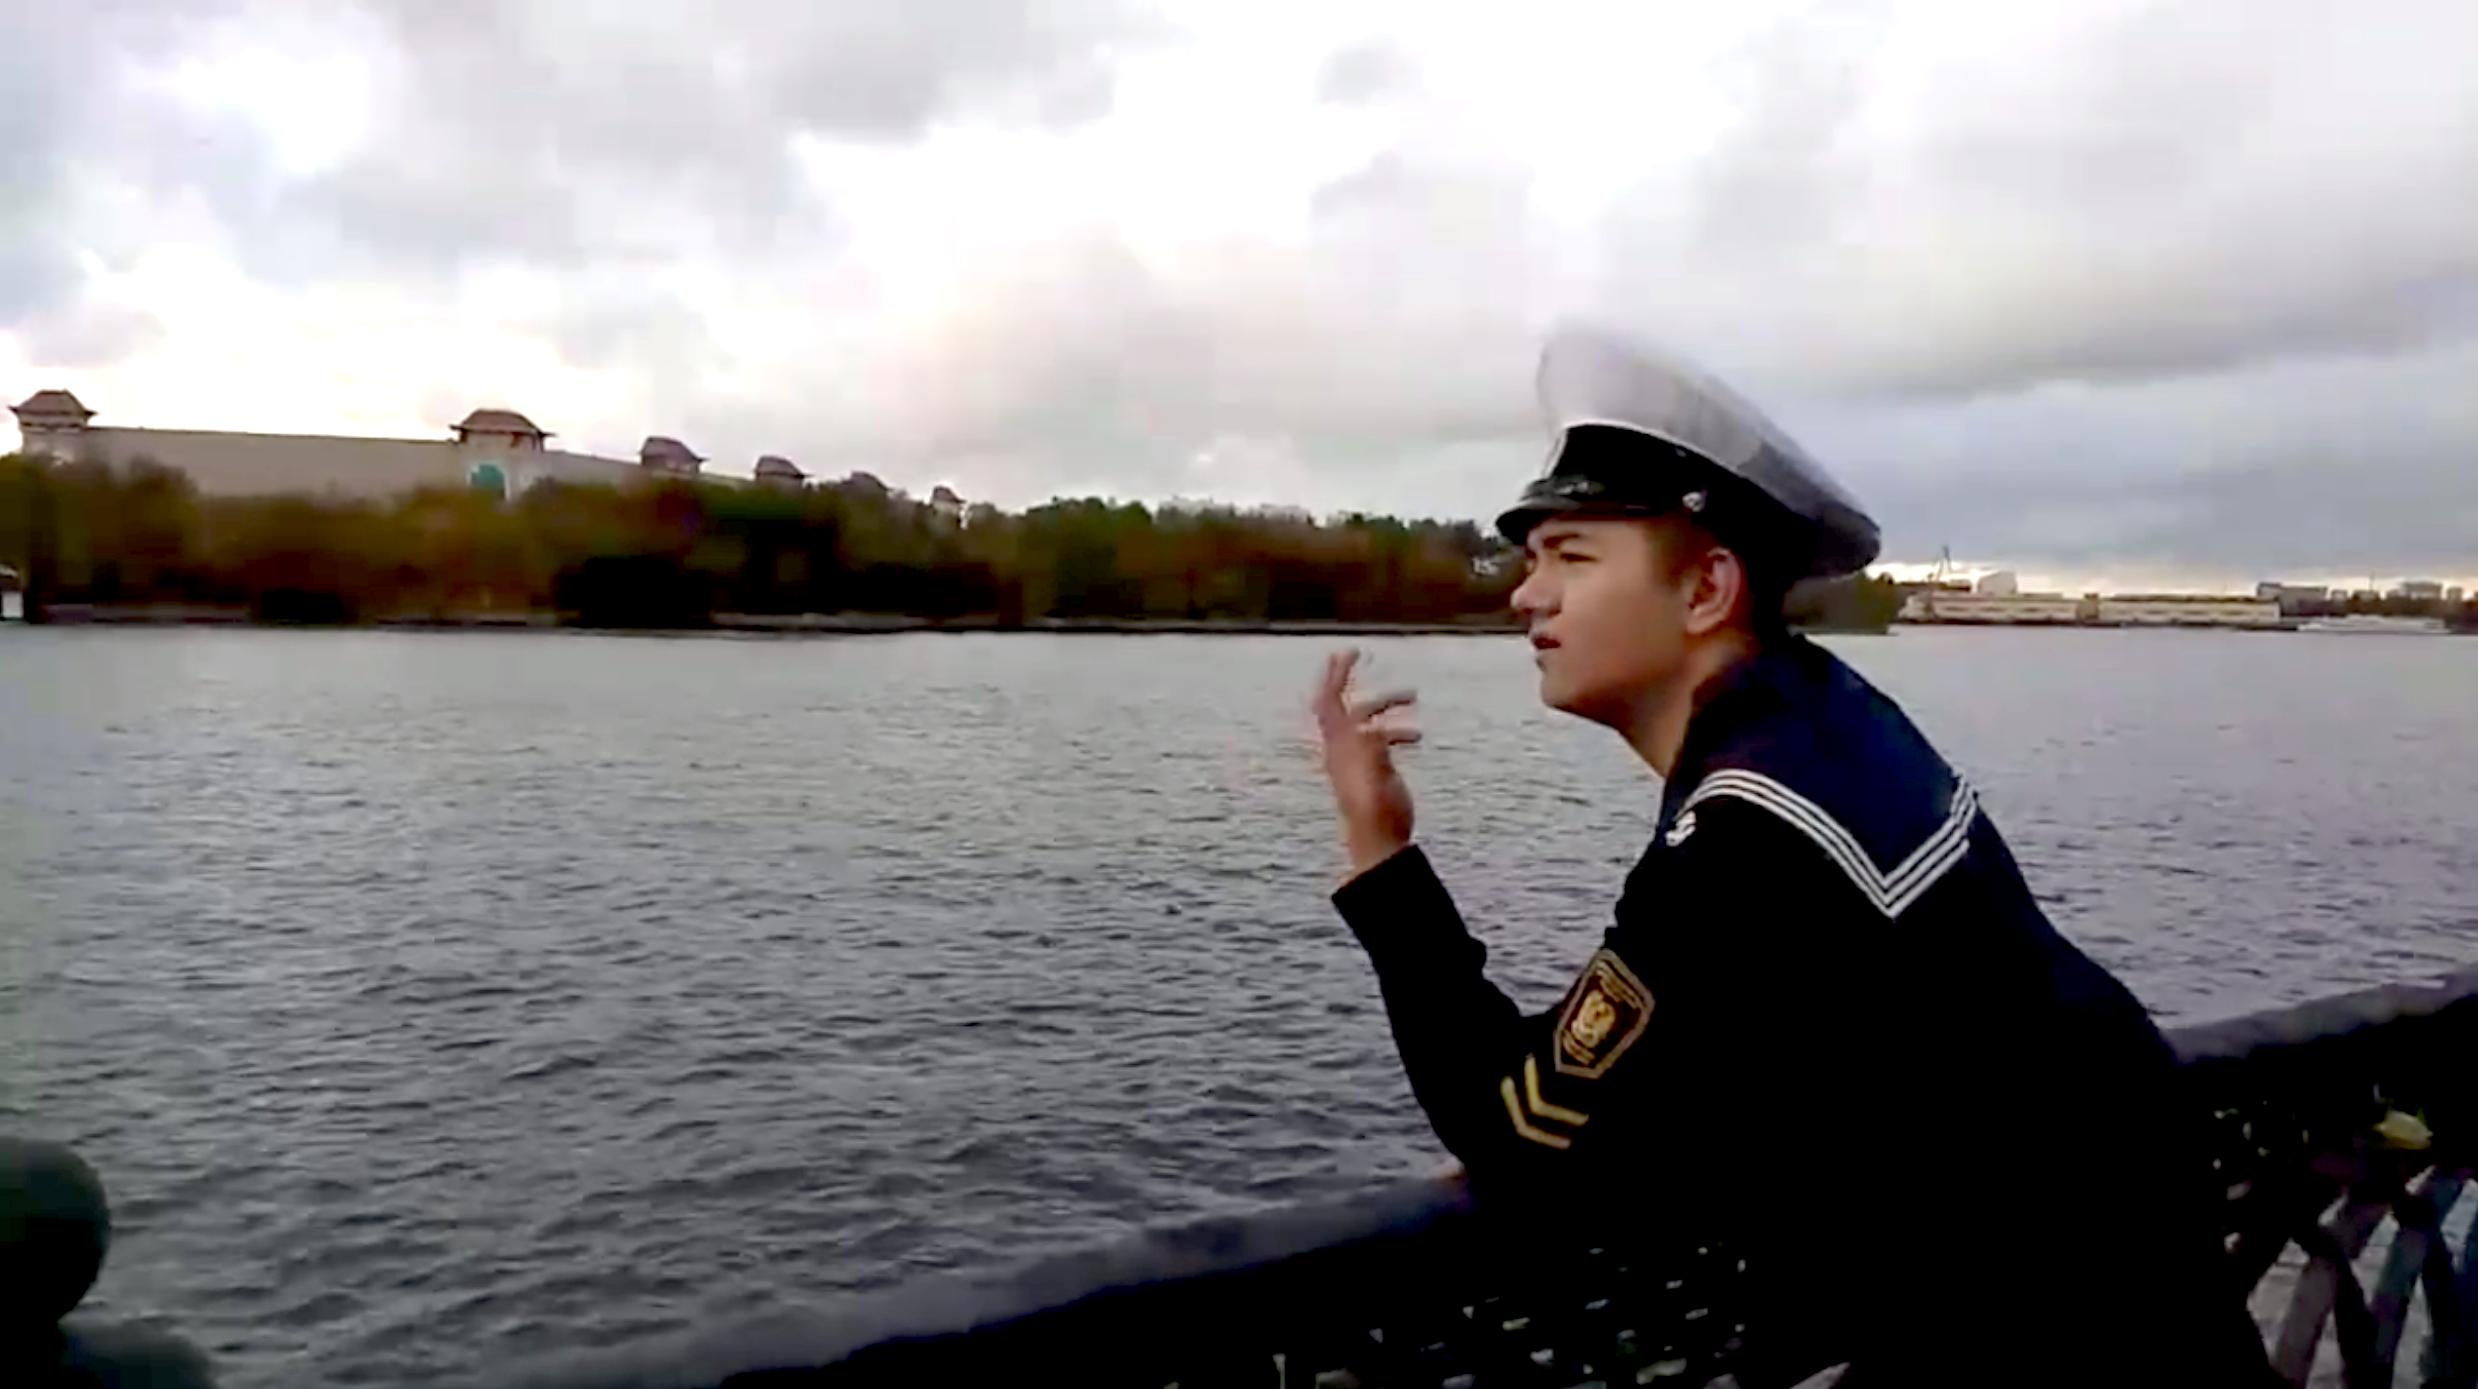 Курсант колледжа Московской государственной академии водного транспорта посвятил стихотворение столице